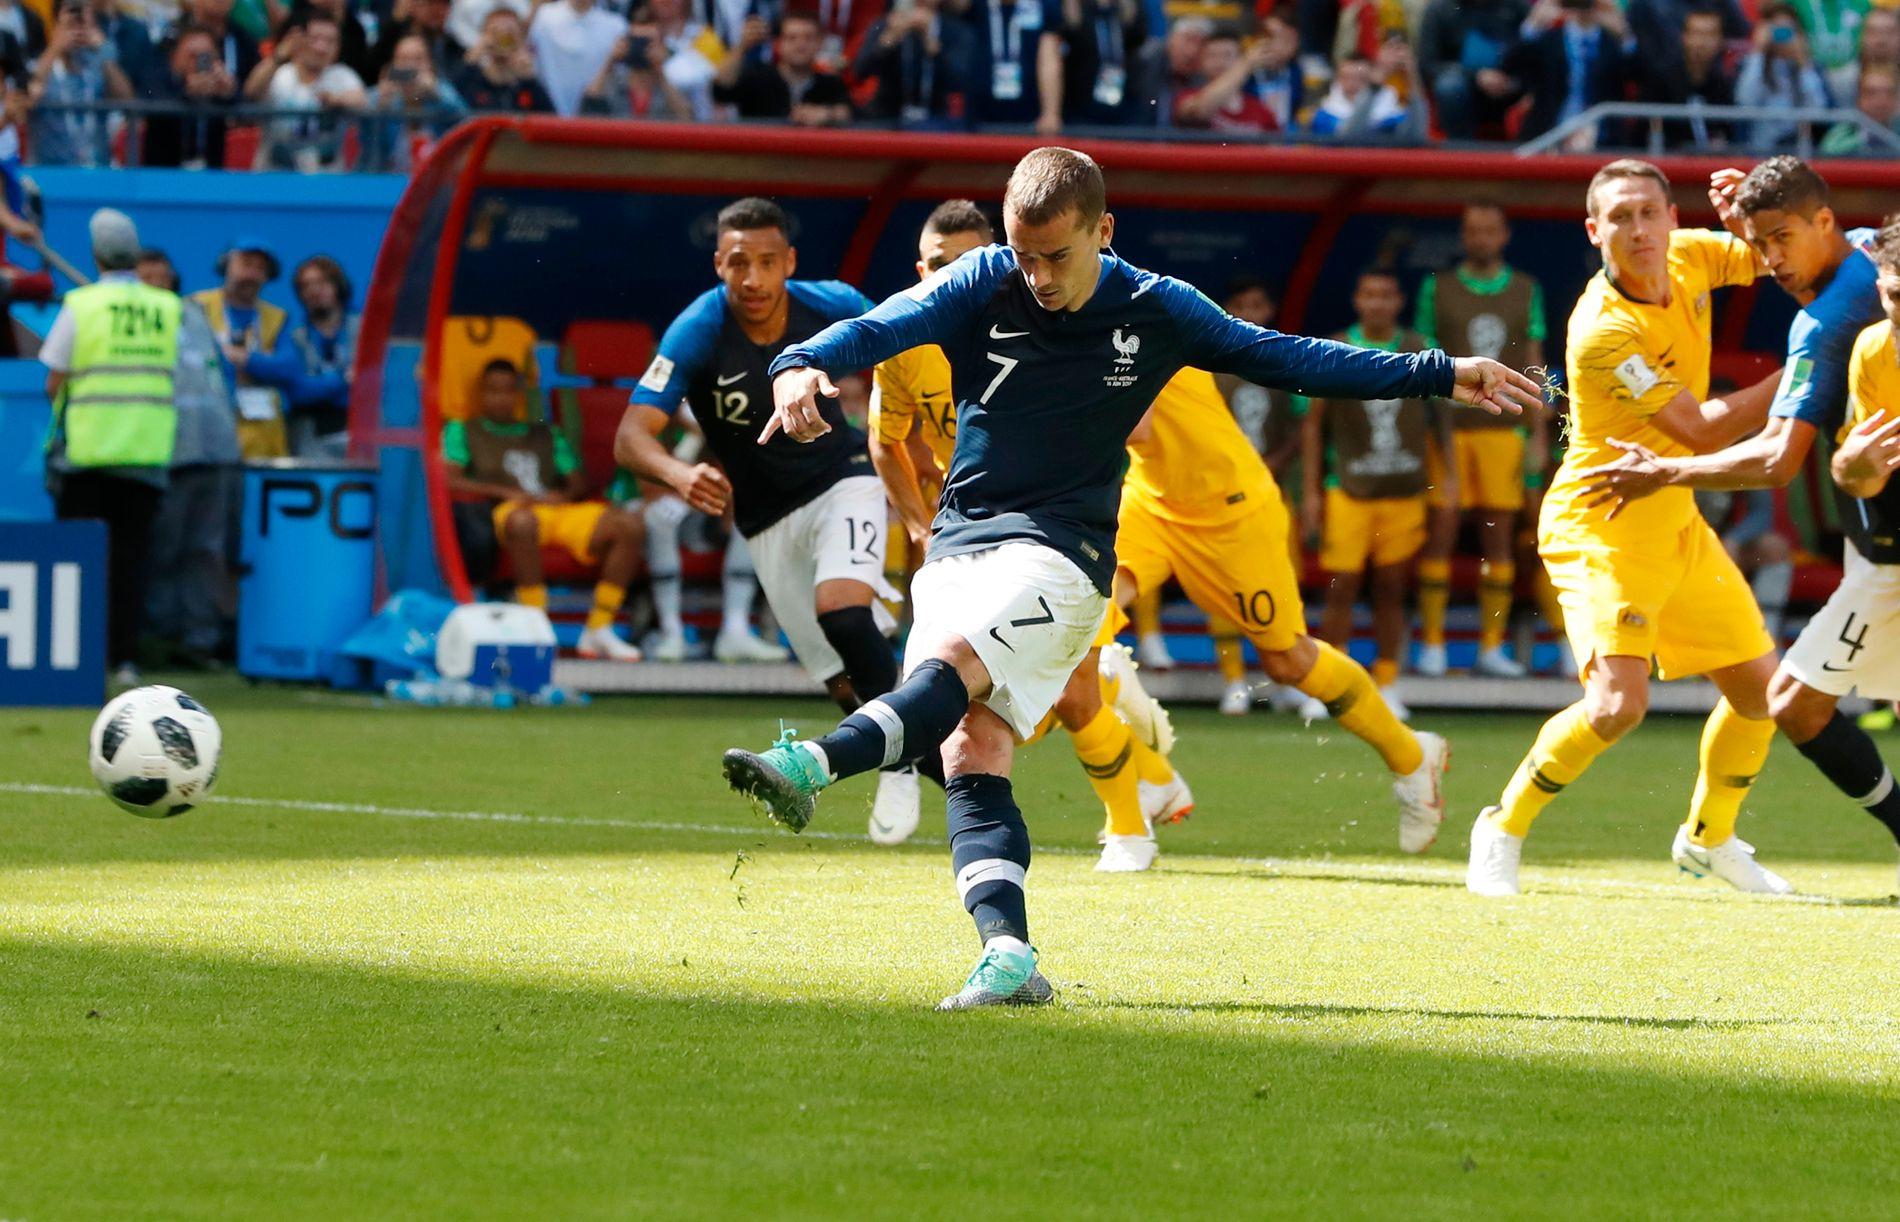 FIKK VAR-HJELP: Antoine Griezmann setter inn straffen som Frankrike til slutt fikk mot Australia, på grunn av hjelp fra videorommet i VM.